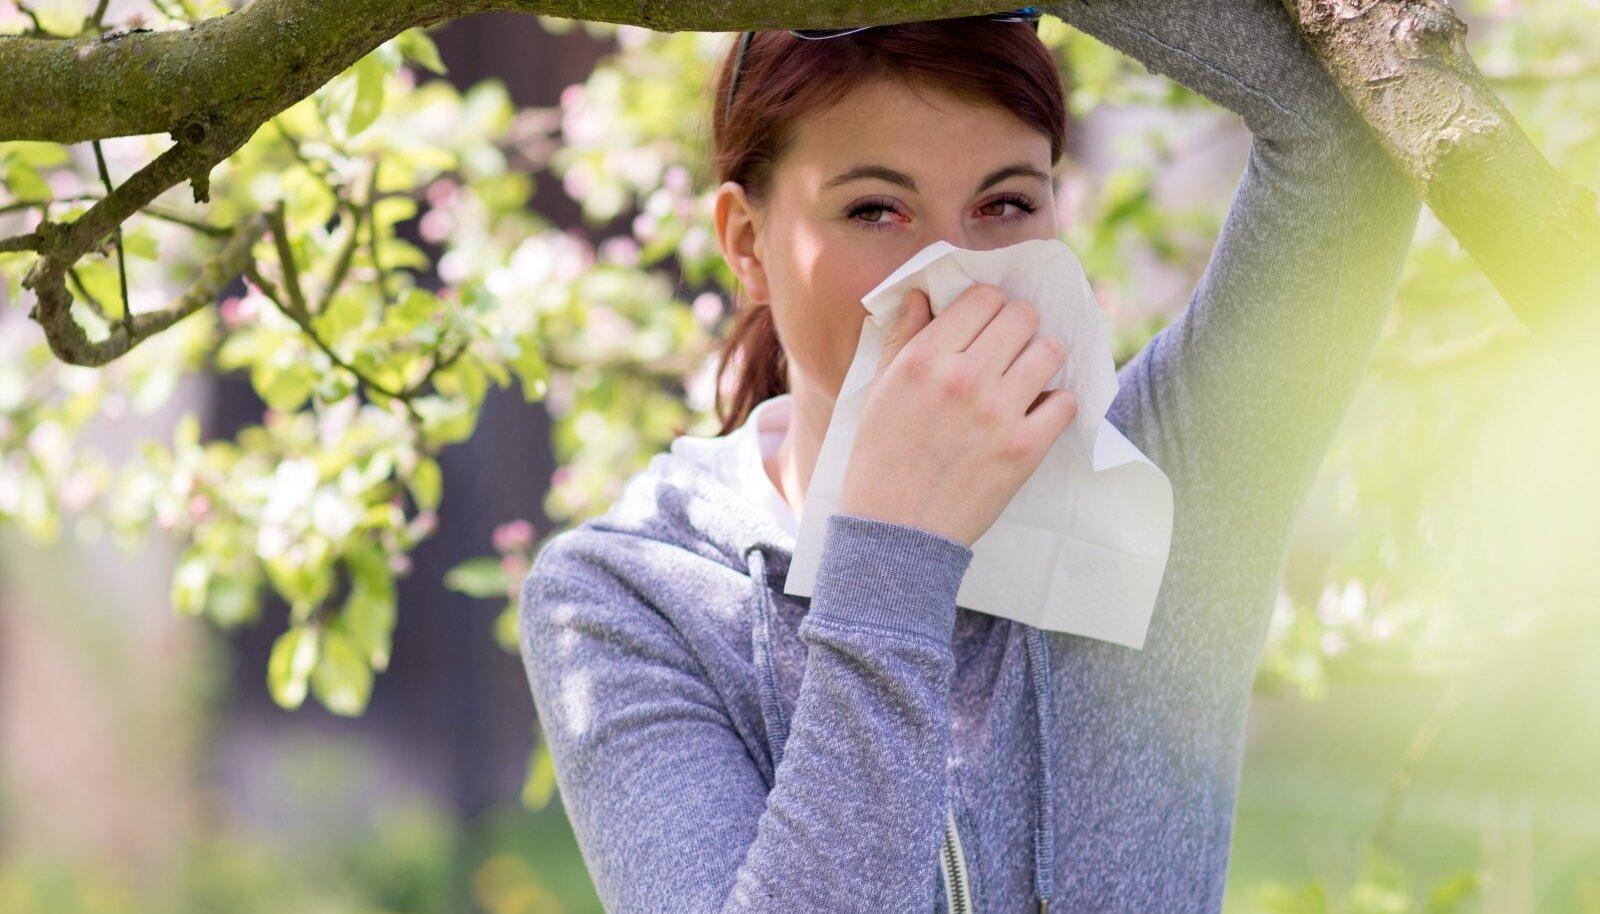 Kunis õiteaeg toob paljudele inimestele kaasa tüütud allergiast põhjustatud vaevused.